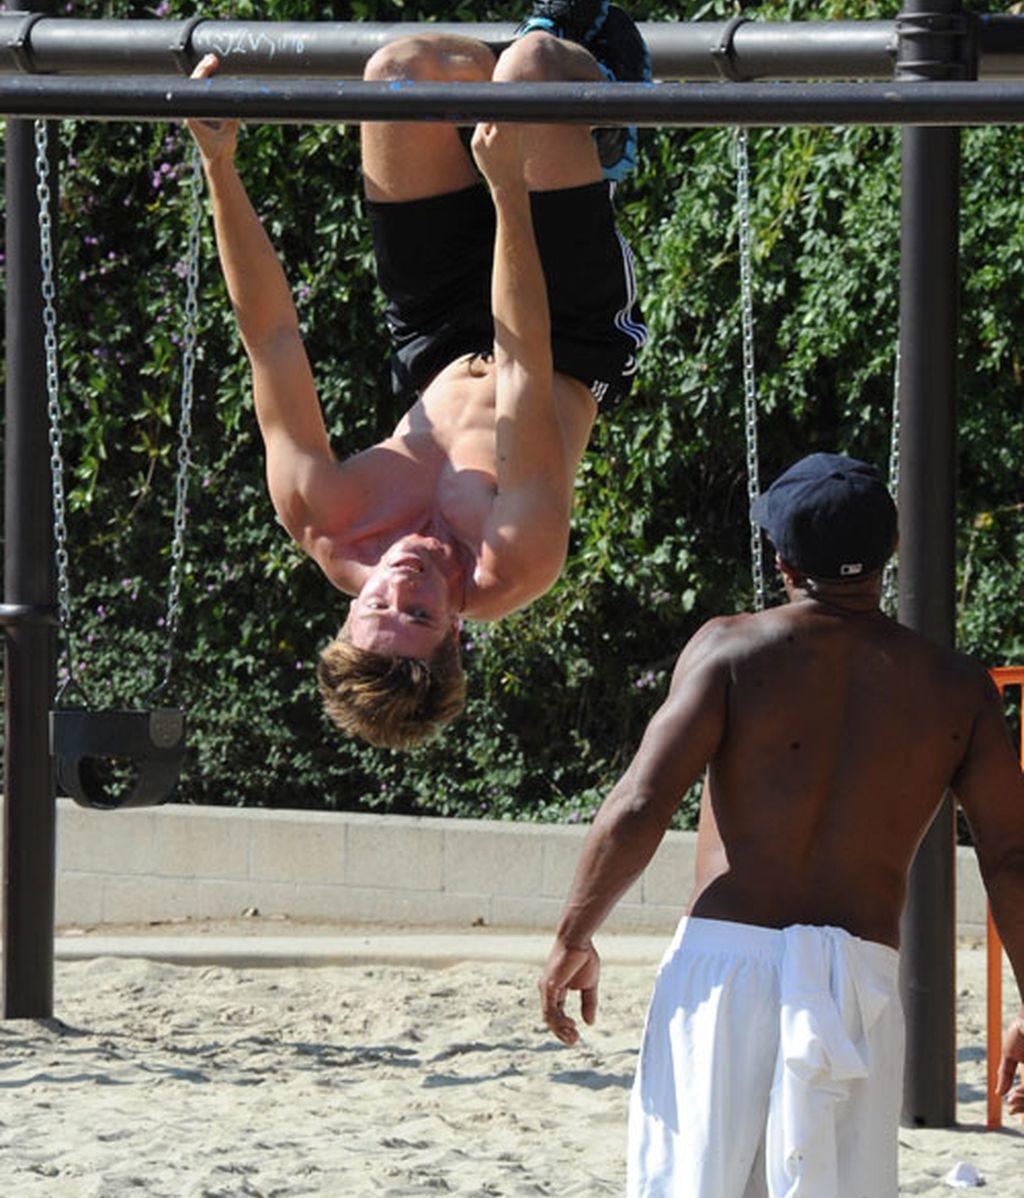 El hijo de Arnold Schwarzenegger quiere ser tan fuerte como su padre